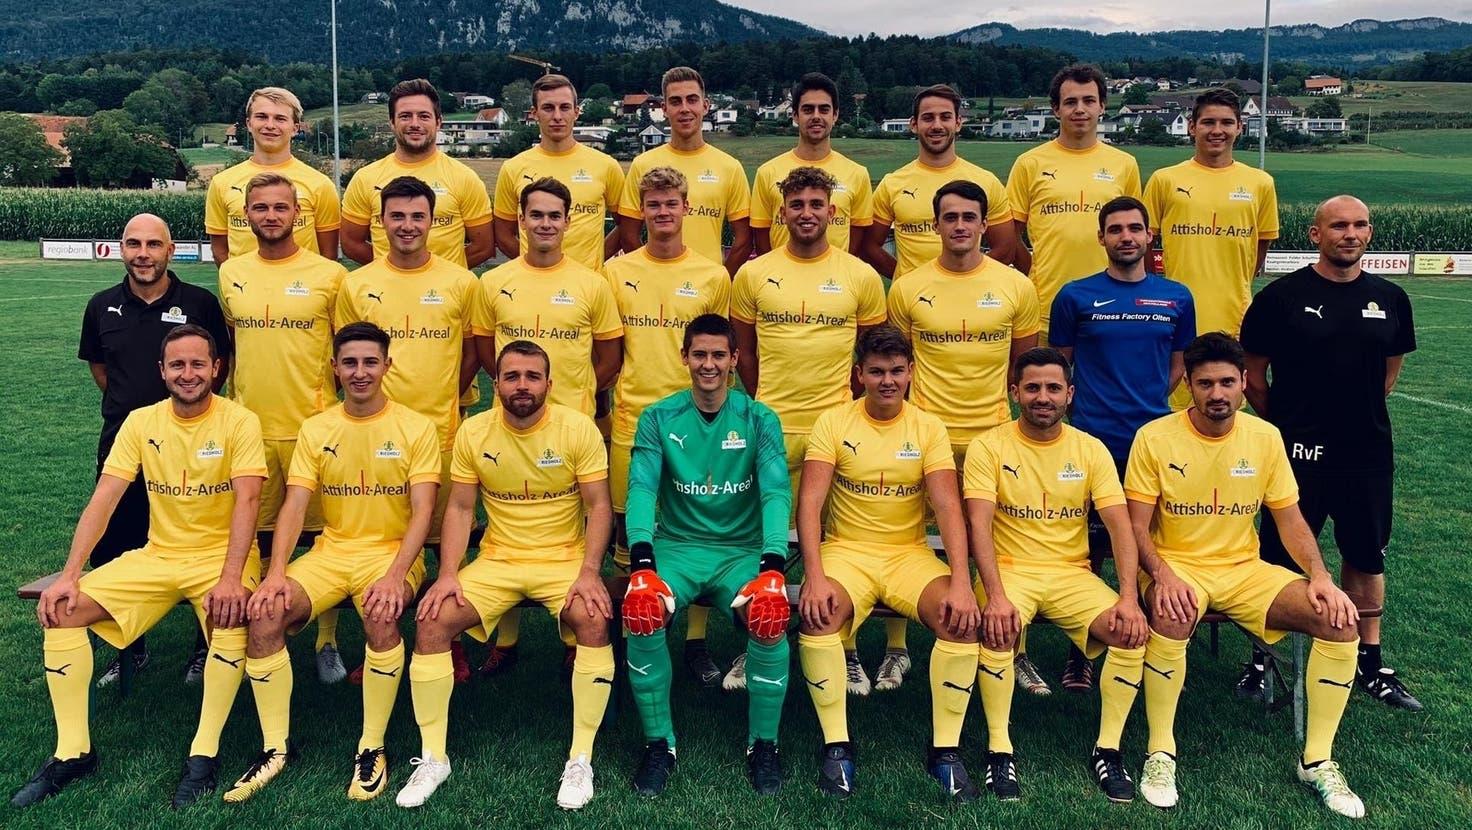 Der FC Riedholz führt die Gruppe 1 der 3. Liga nach Verlustpunkten an. (zvg)